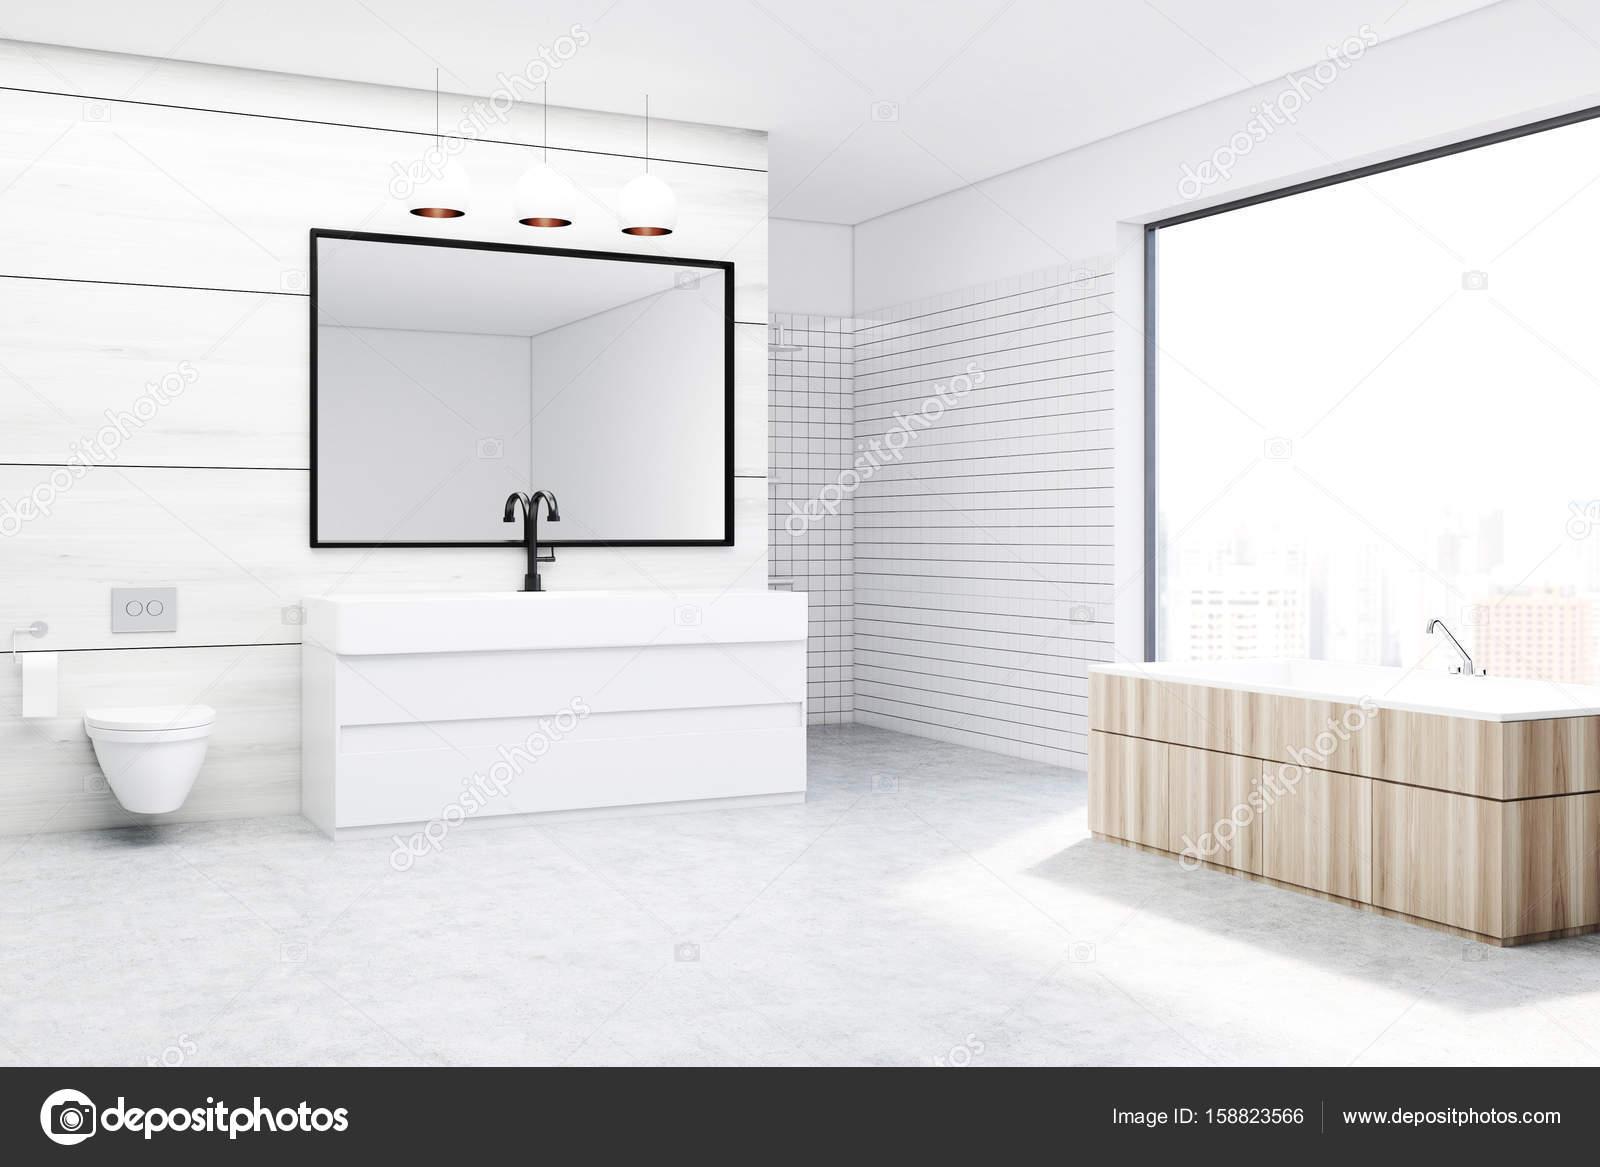 https://st3.depositphotos.com/2673929/15882/i/1600/depositphotos_158823566-stockafbeelding-badkamer-met-een-toilet-en.jpg